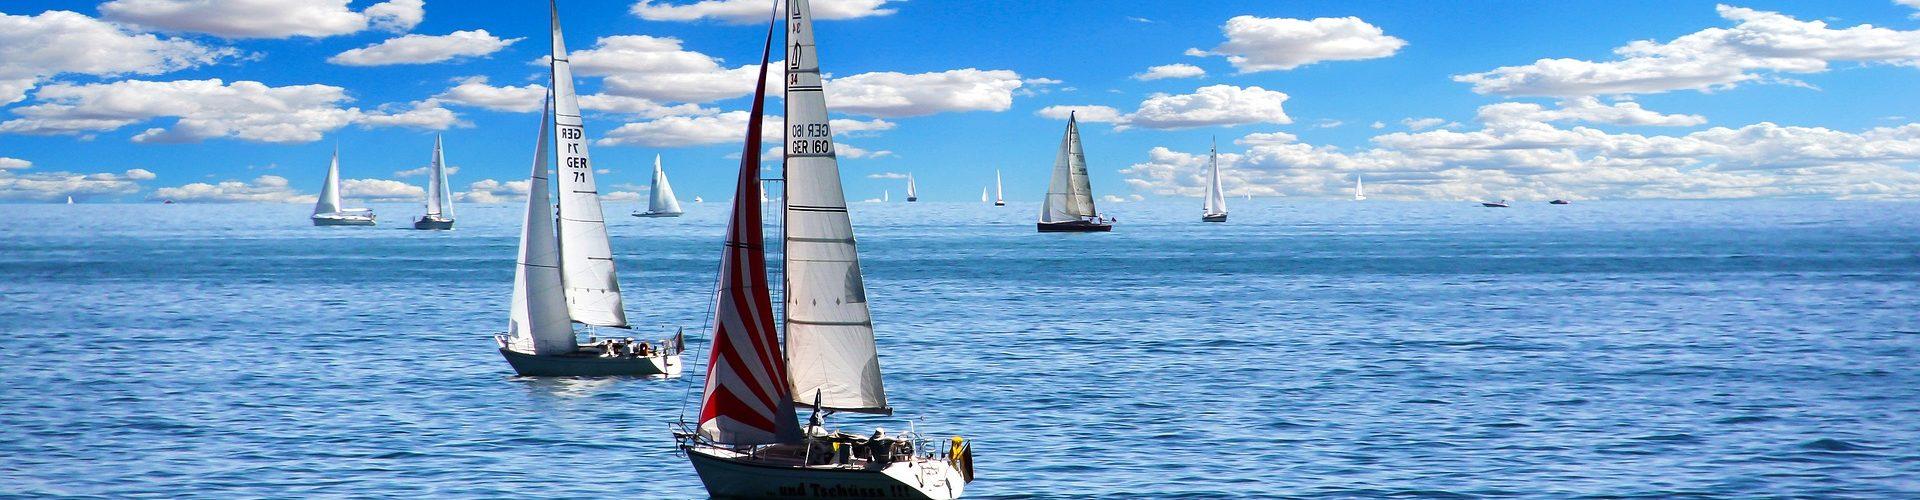 segeln lernen in Schotten segelschein machen in Schotten 1920x500 - Segeln lernen in Schotten